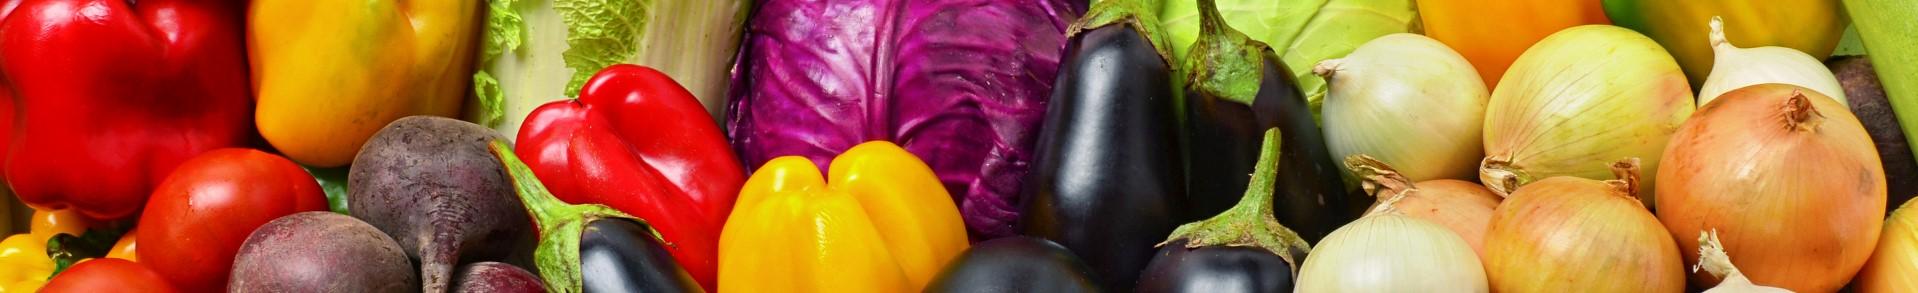 vegetali - vegetables